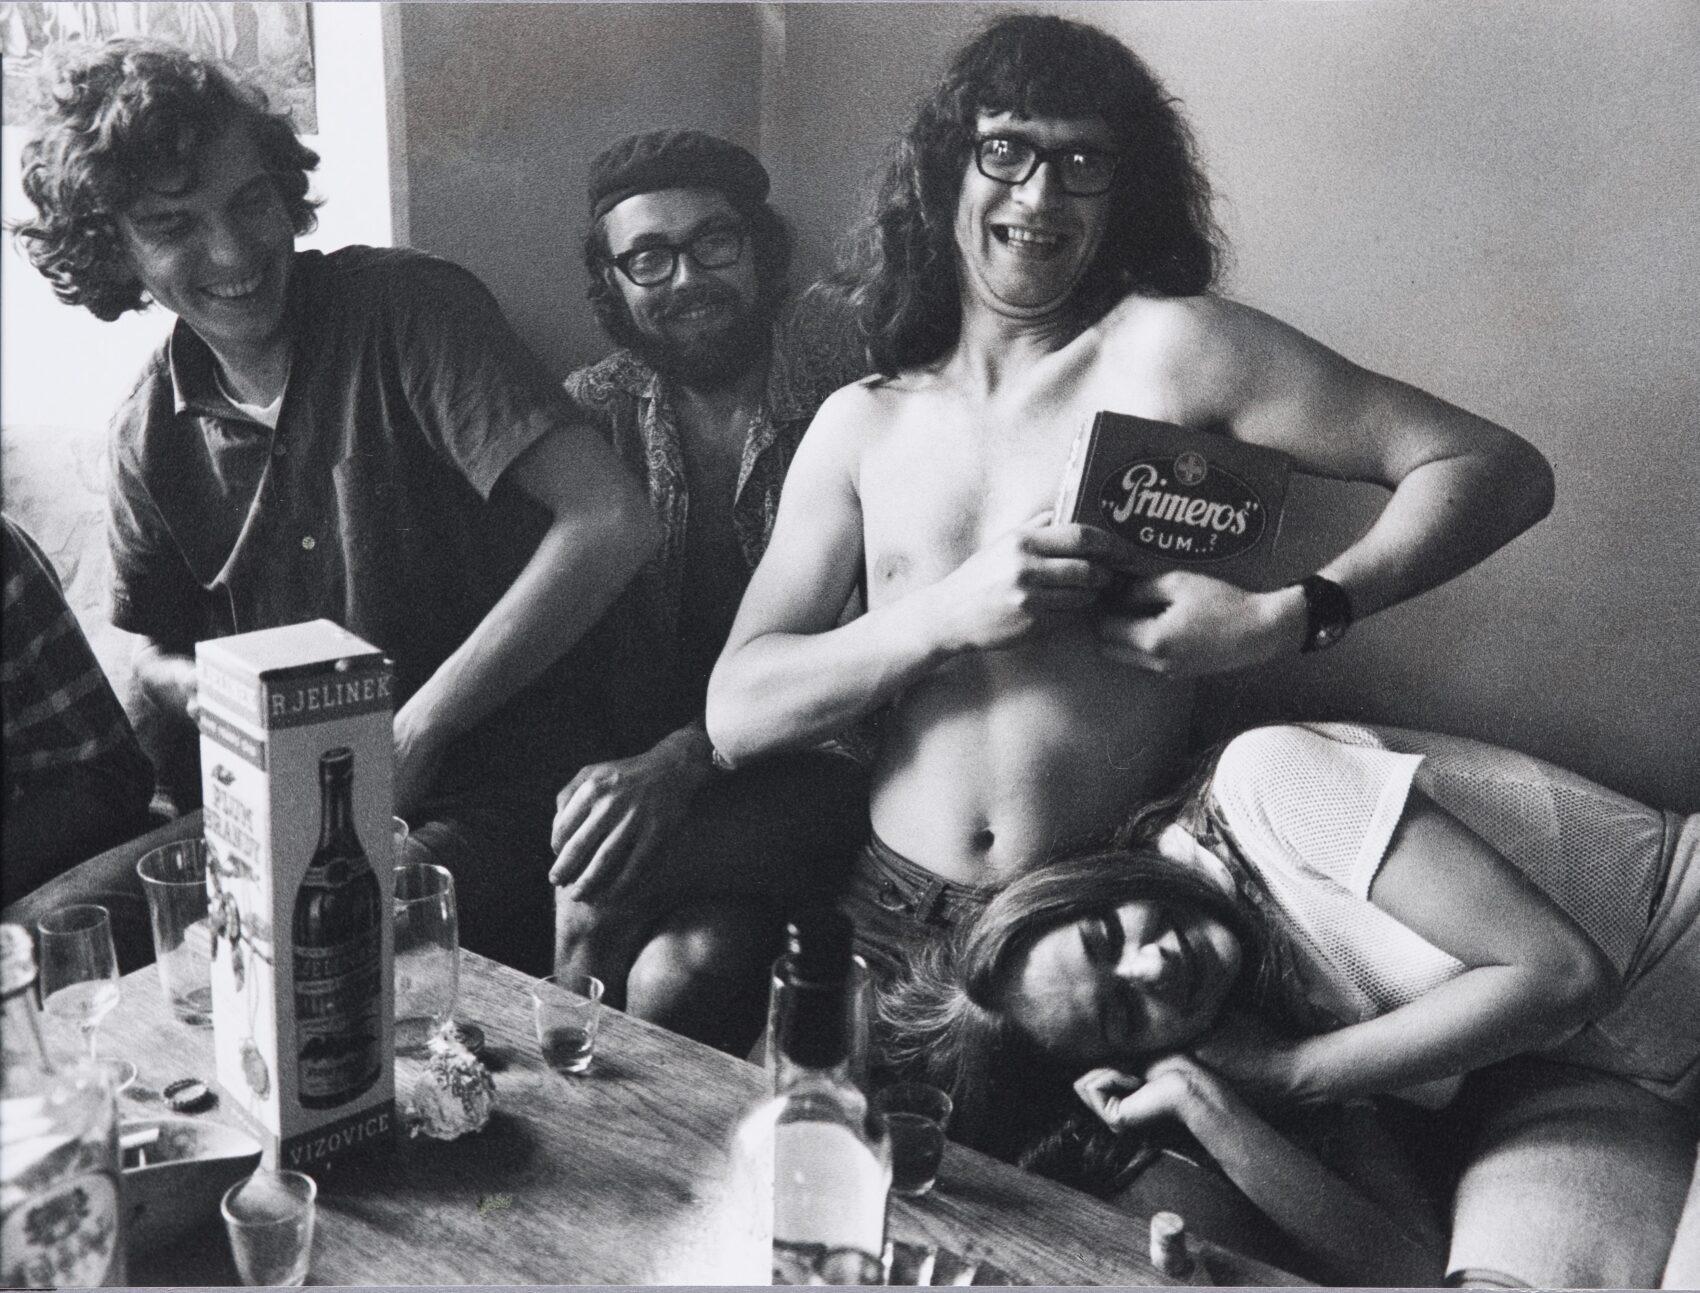 Polonahý Ivan Martin Jirous drží velkou krabici s nápisem Primeros Gum a směje se. Kolem něj přátelé, dva muži a žena